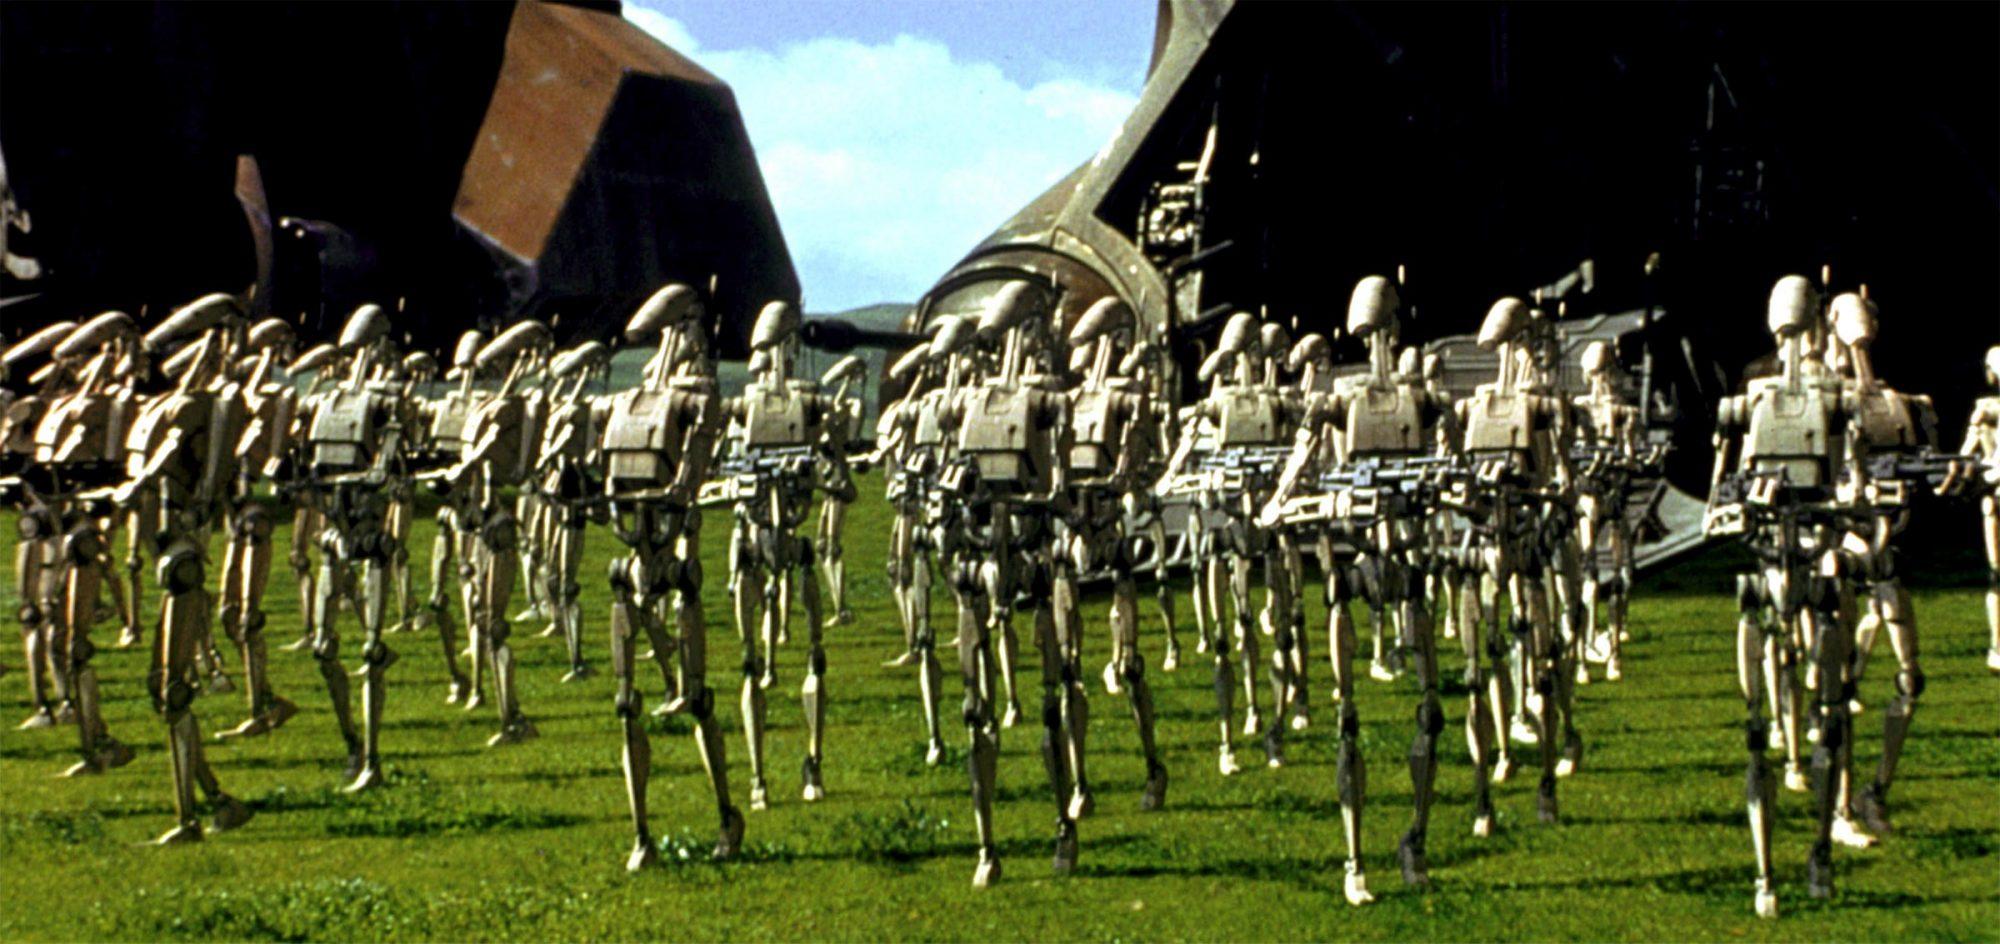 STAR WARS : EPISODE 1 - PHANTOM MENACE